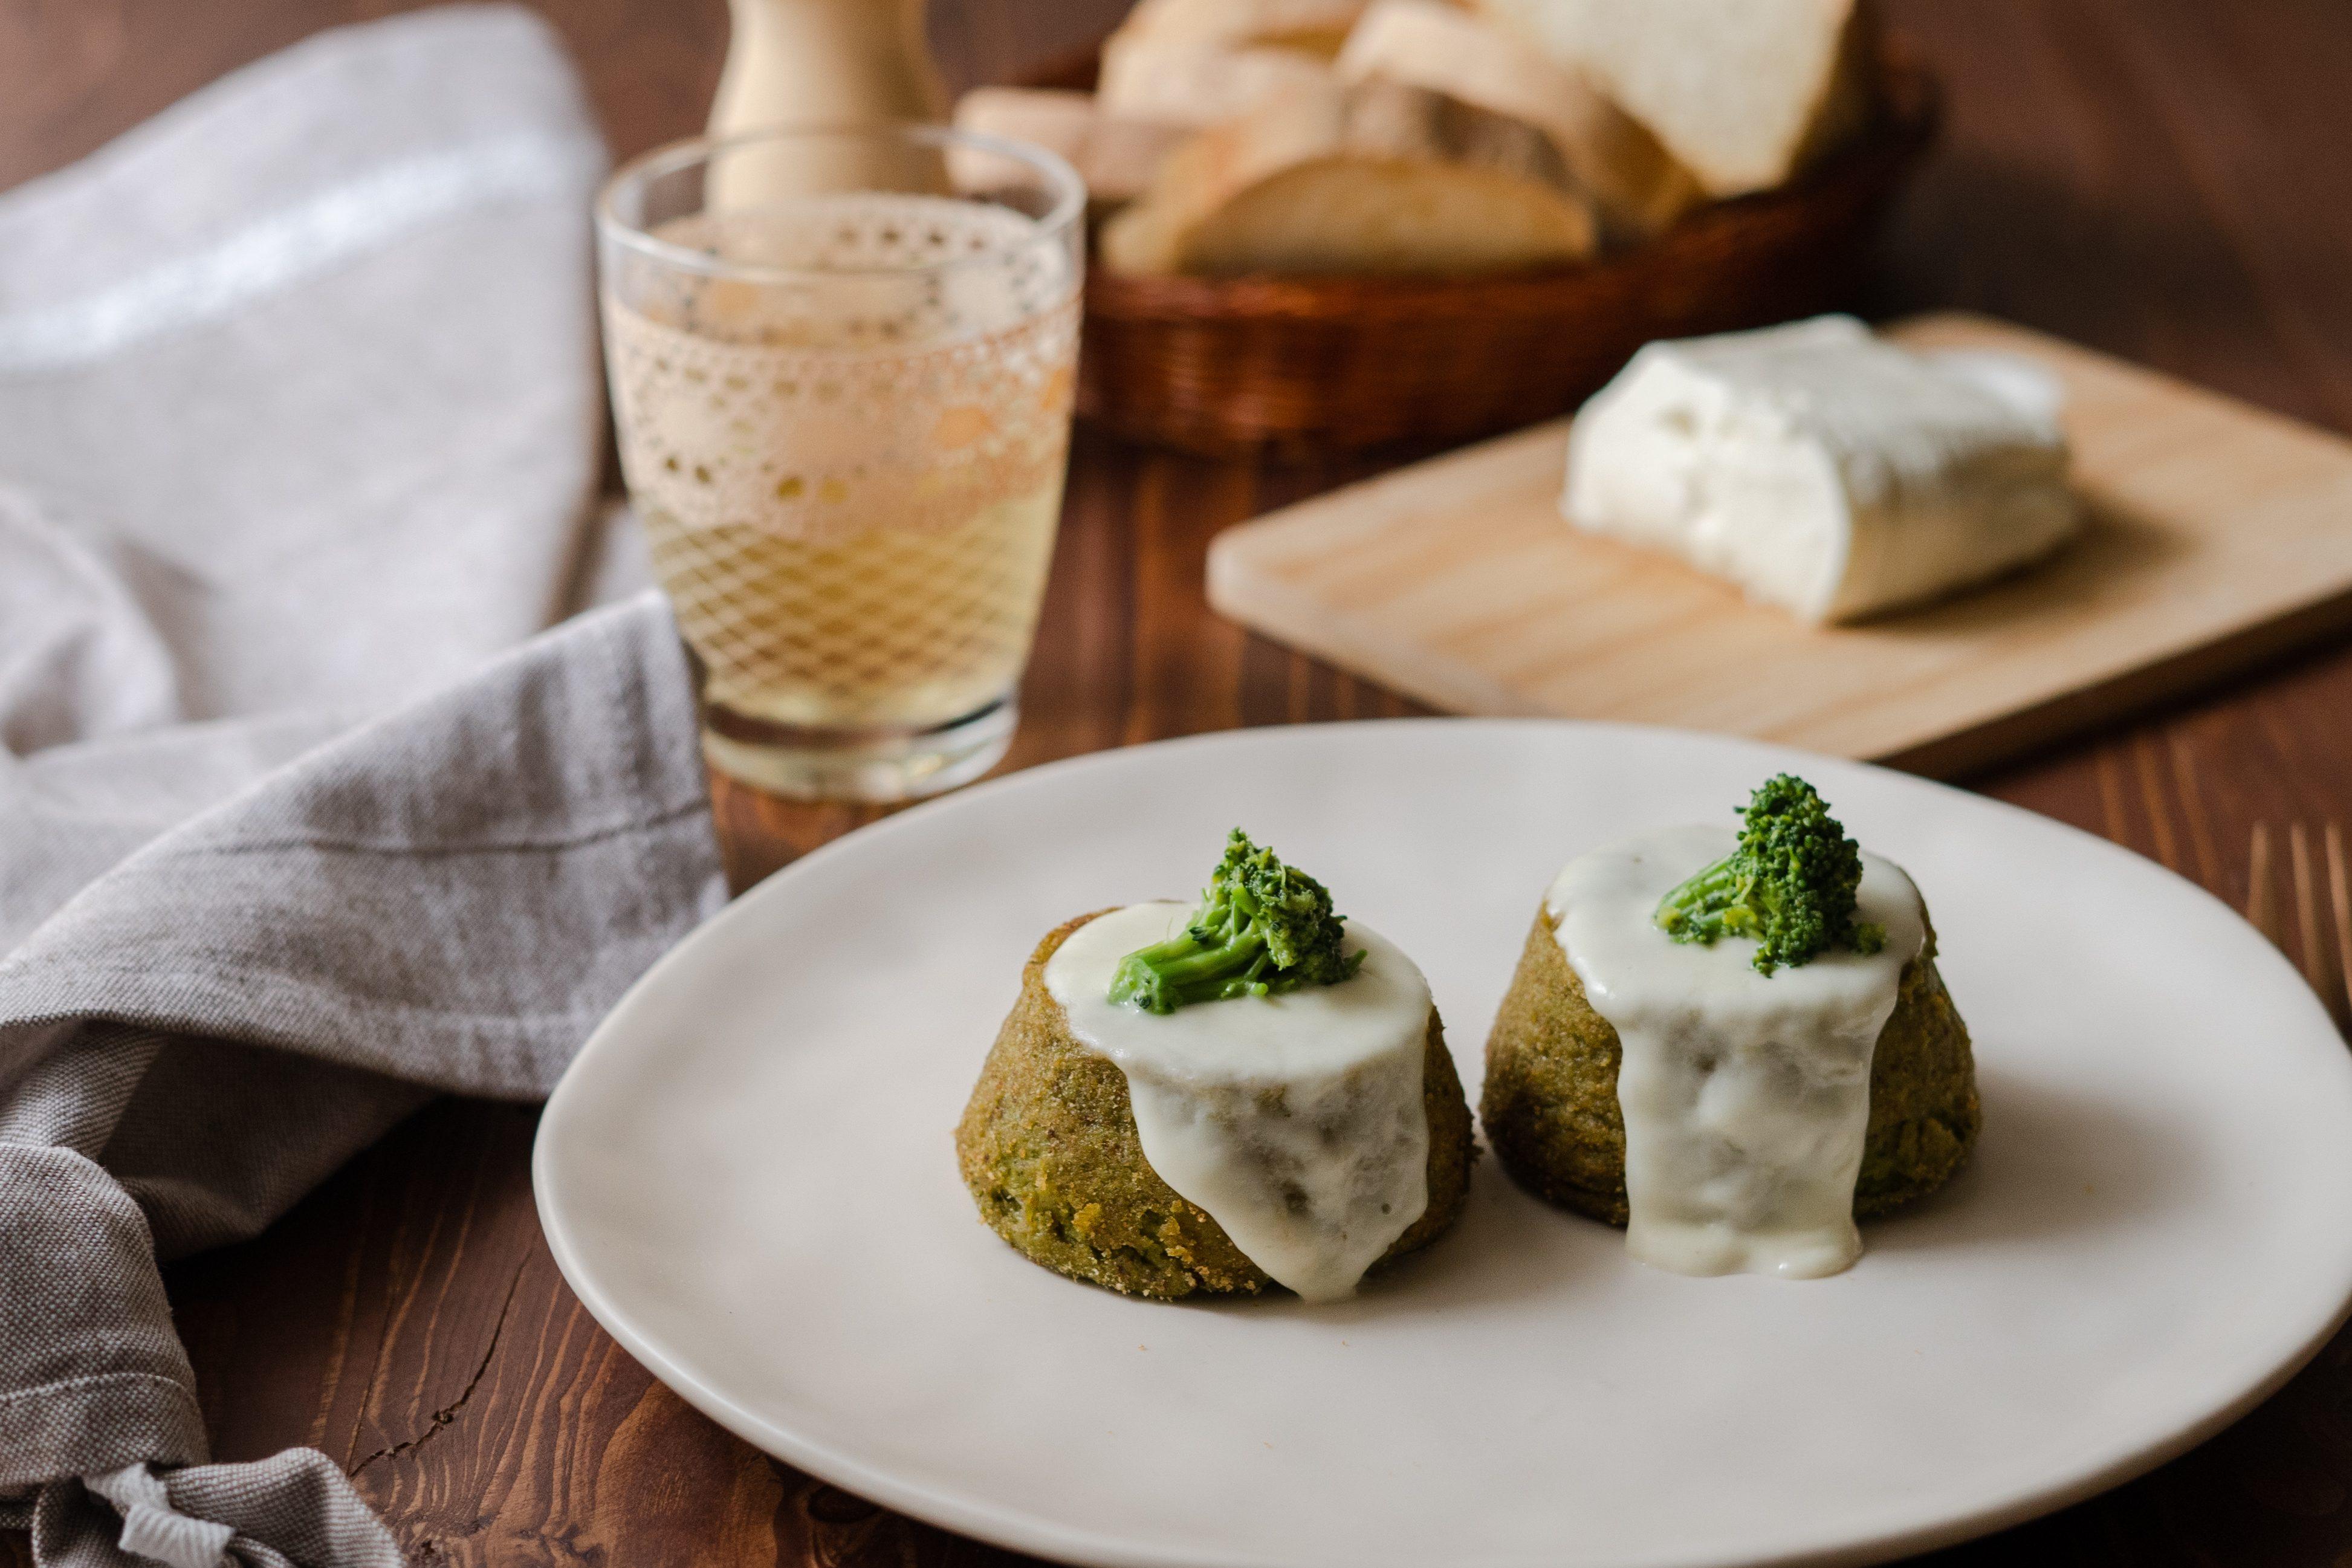 Sformatini di broccoli e crescenza: la ricetta del contorno semplice e cremoso